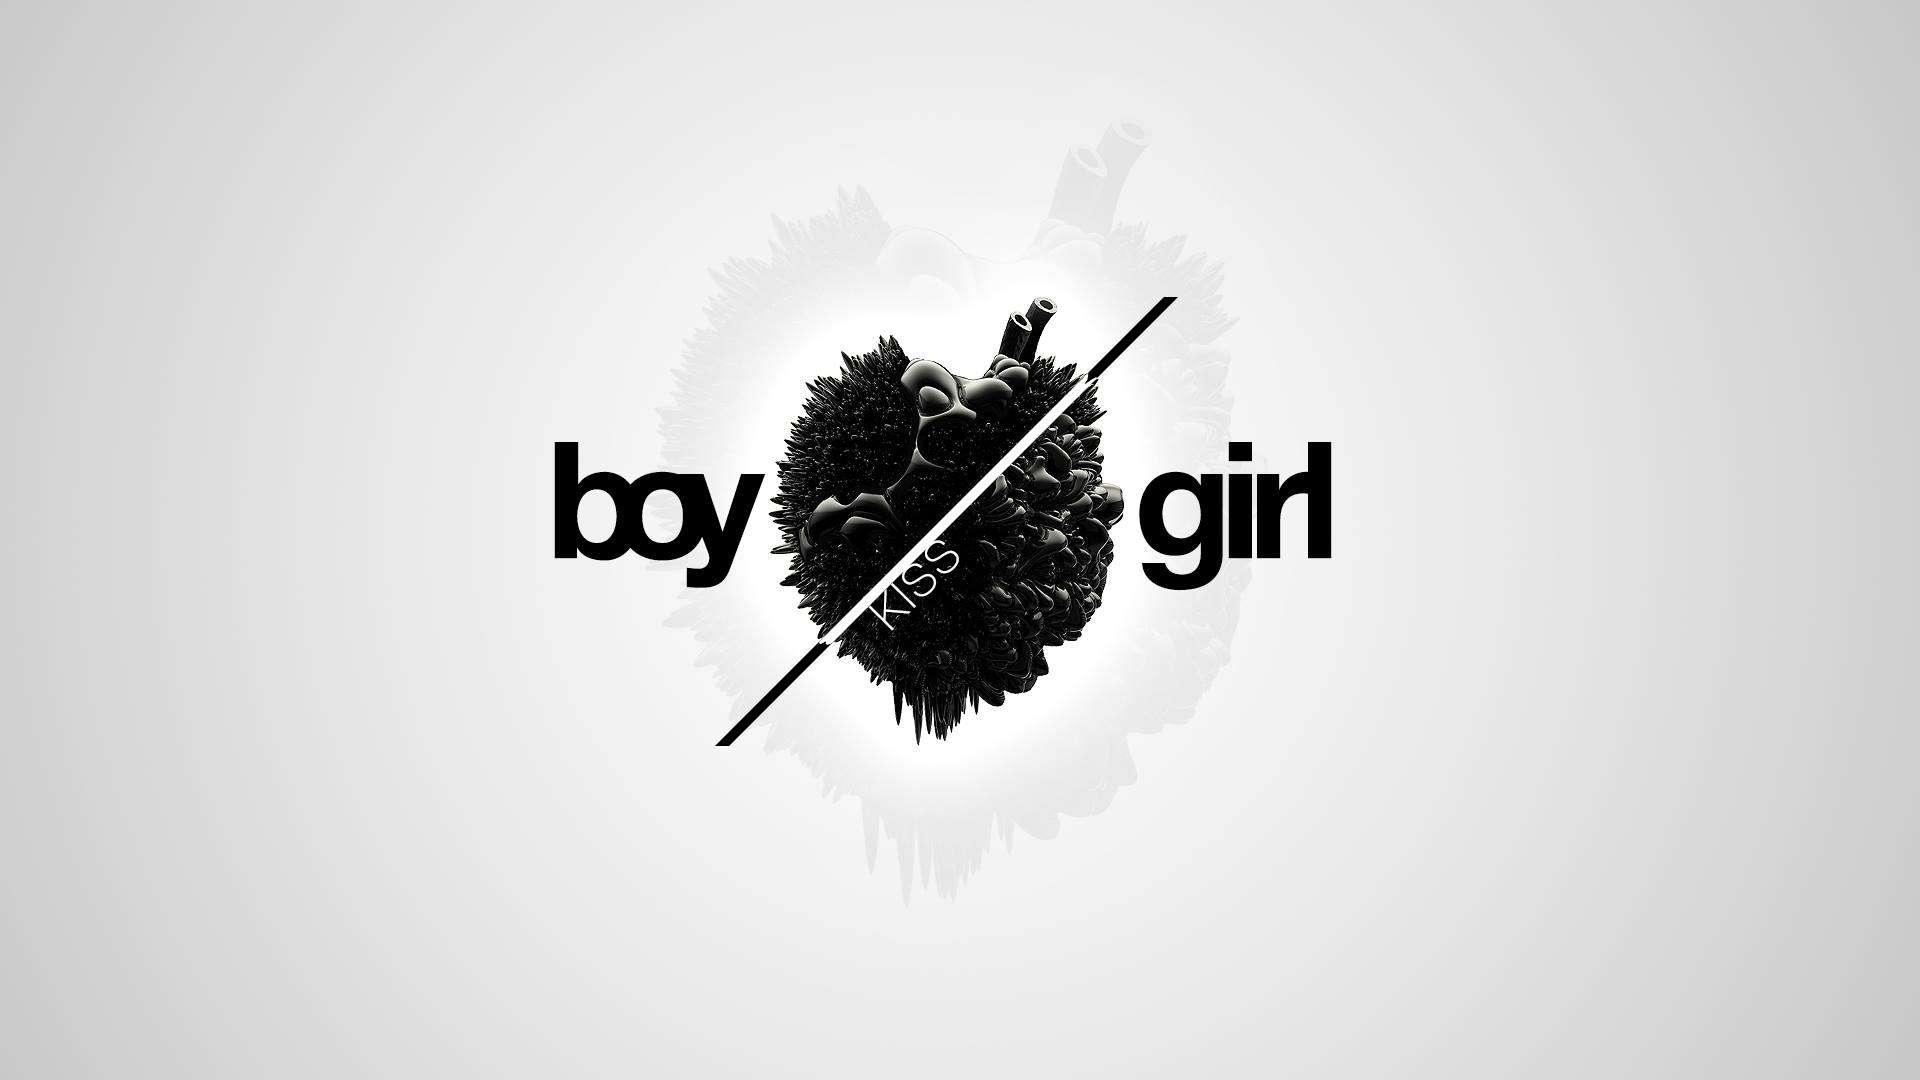 Boy Kiss Girl – My Road [TBM/Armada Deep]